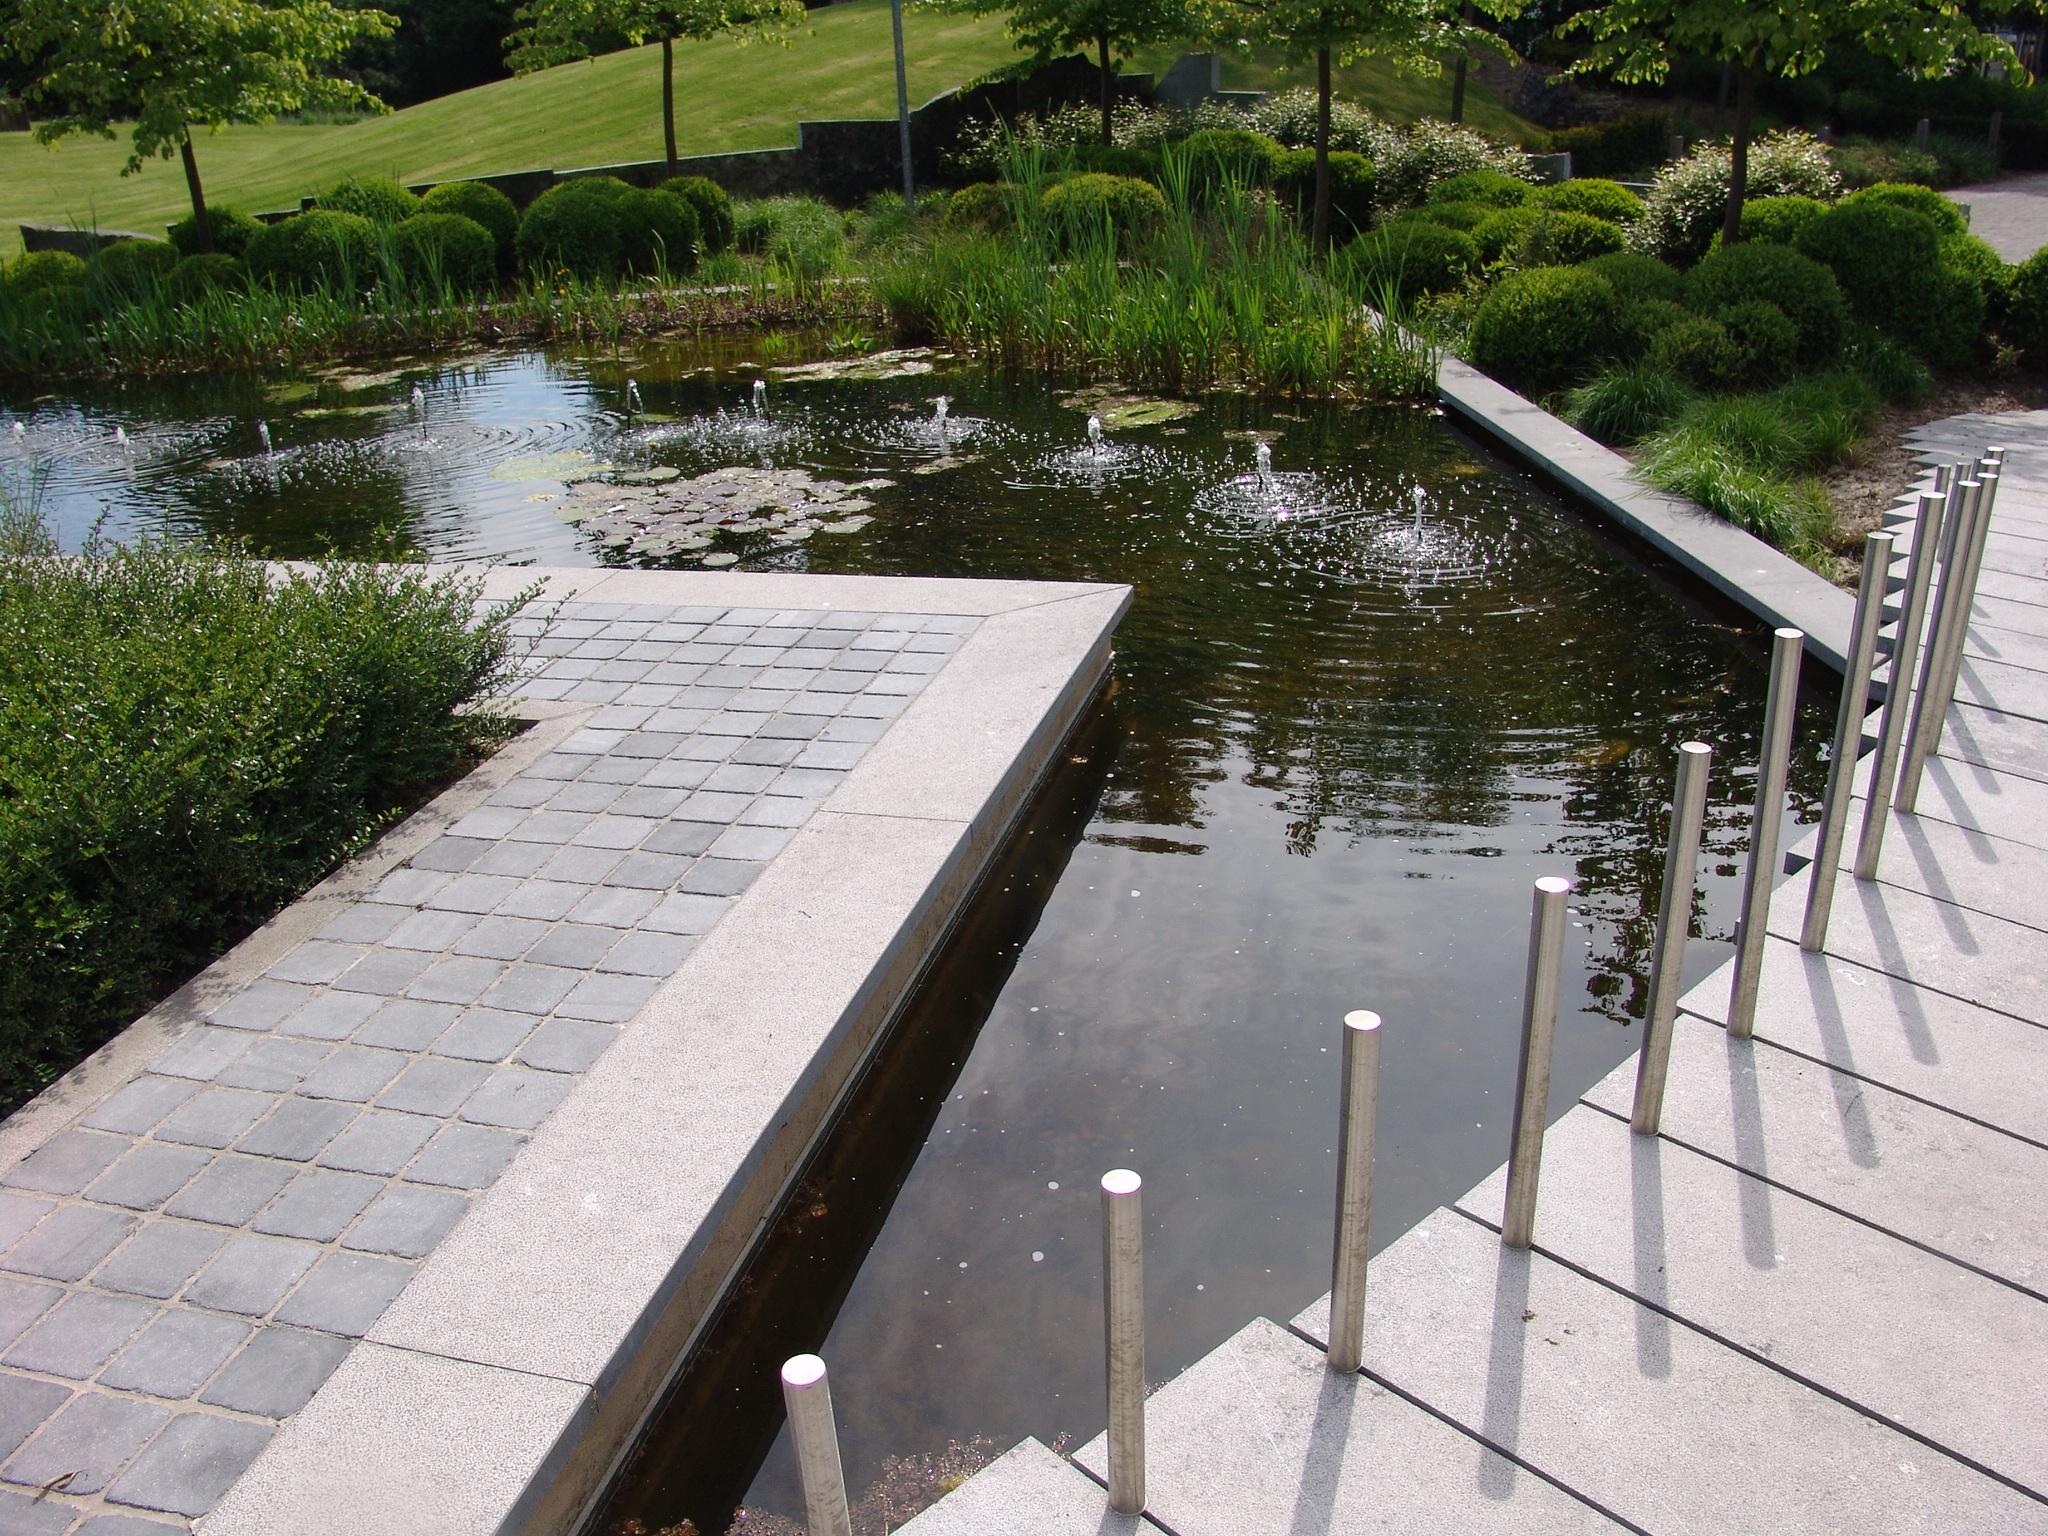 Les plans en ligne pour vos projets de terrasses acc s parkings jardins voiries abords - Bassin jardin japonais grenoble ...